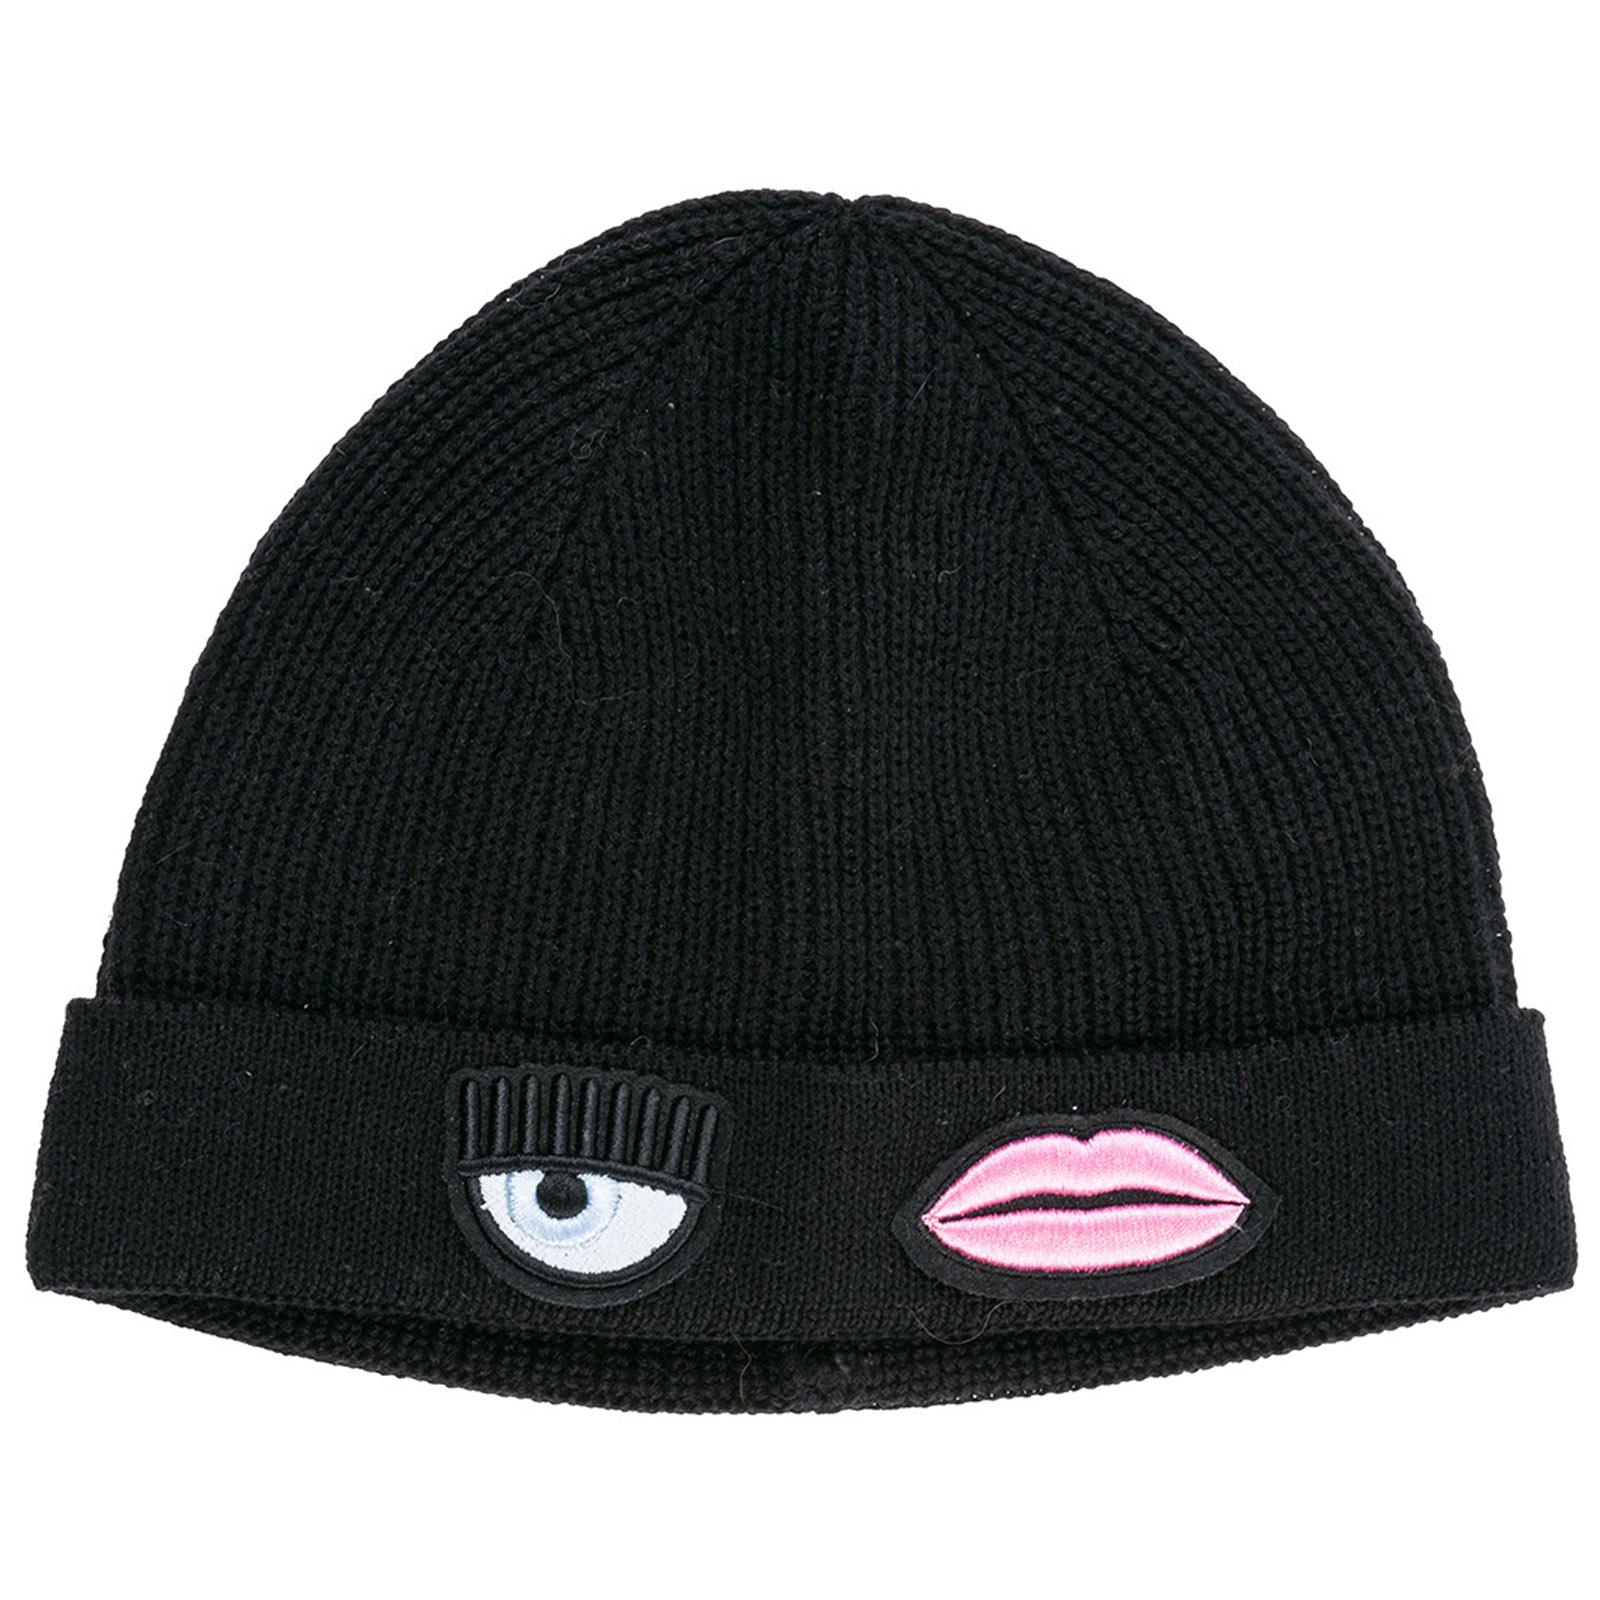 Cuffia berretto donna in lana